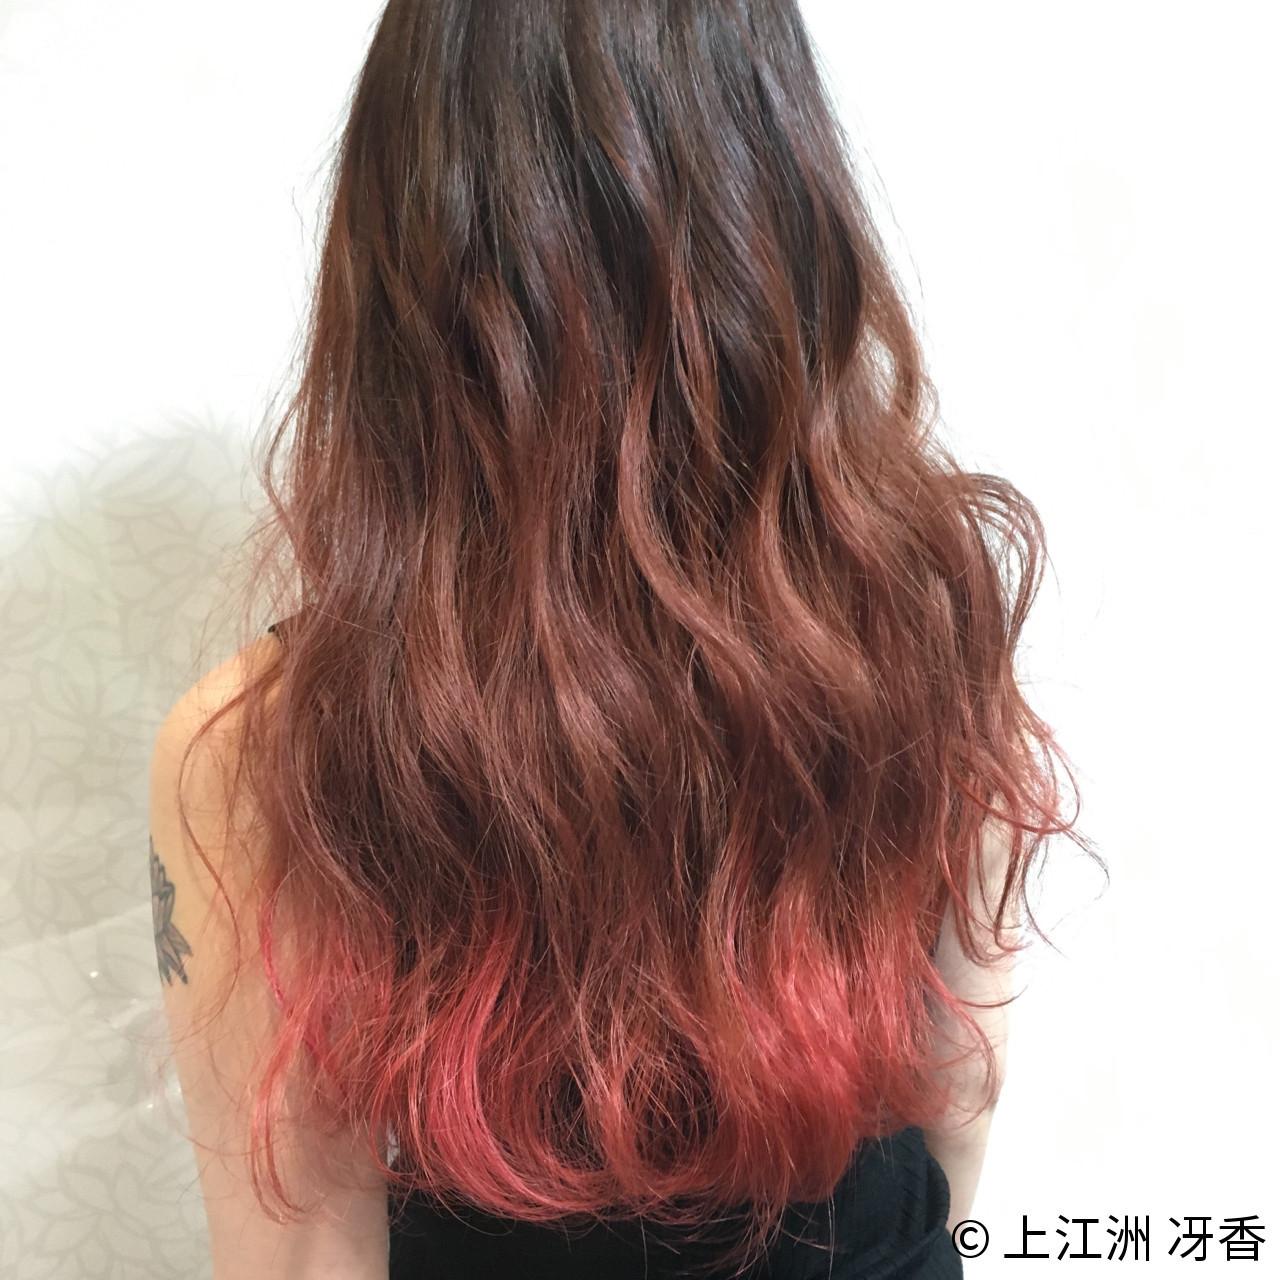 ハイトーン グラデーションカラー ロング ヘアアレンジ ヘアスタイルや髪型の写真・画像